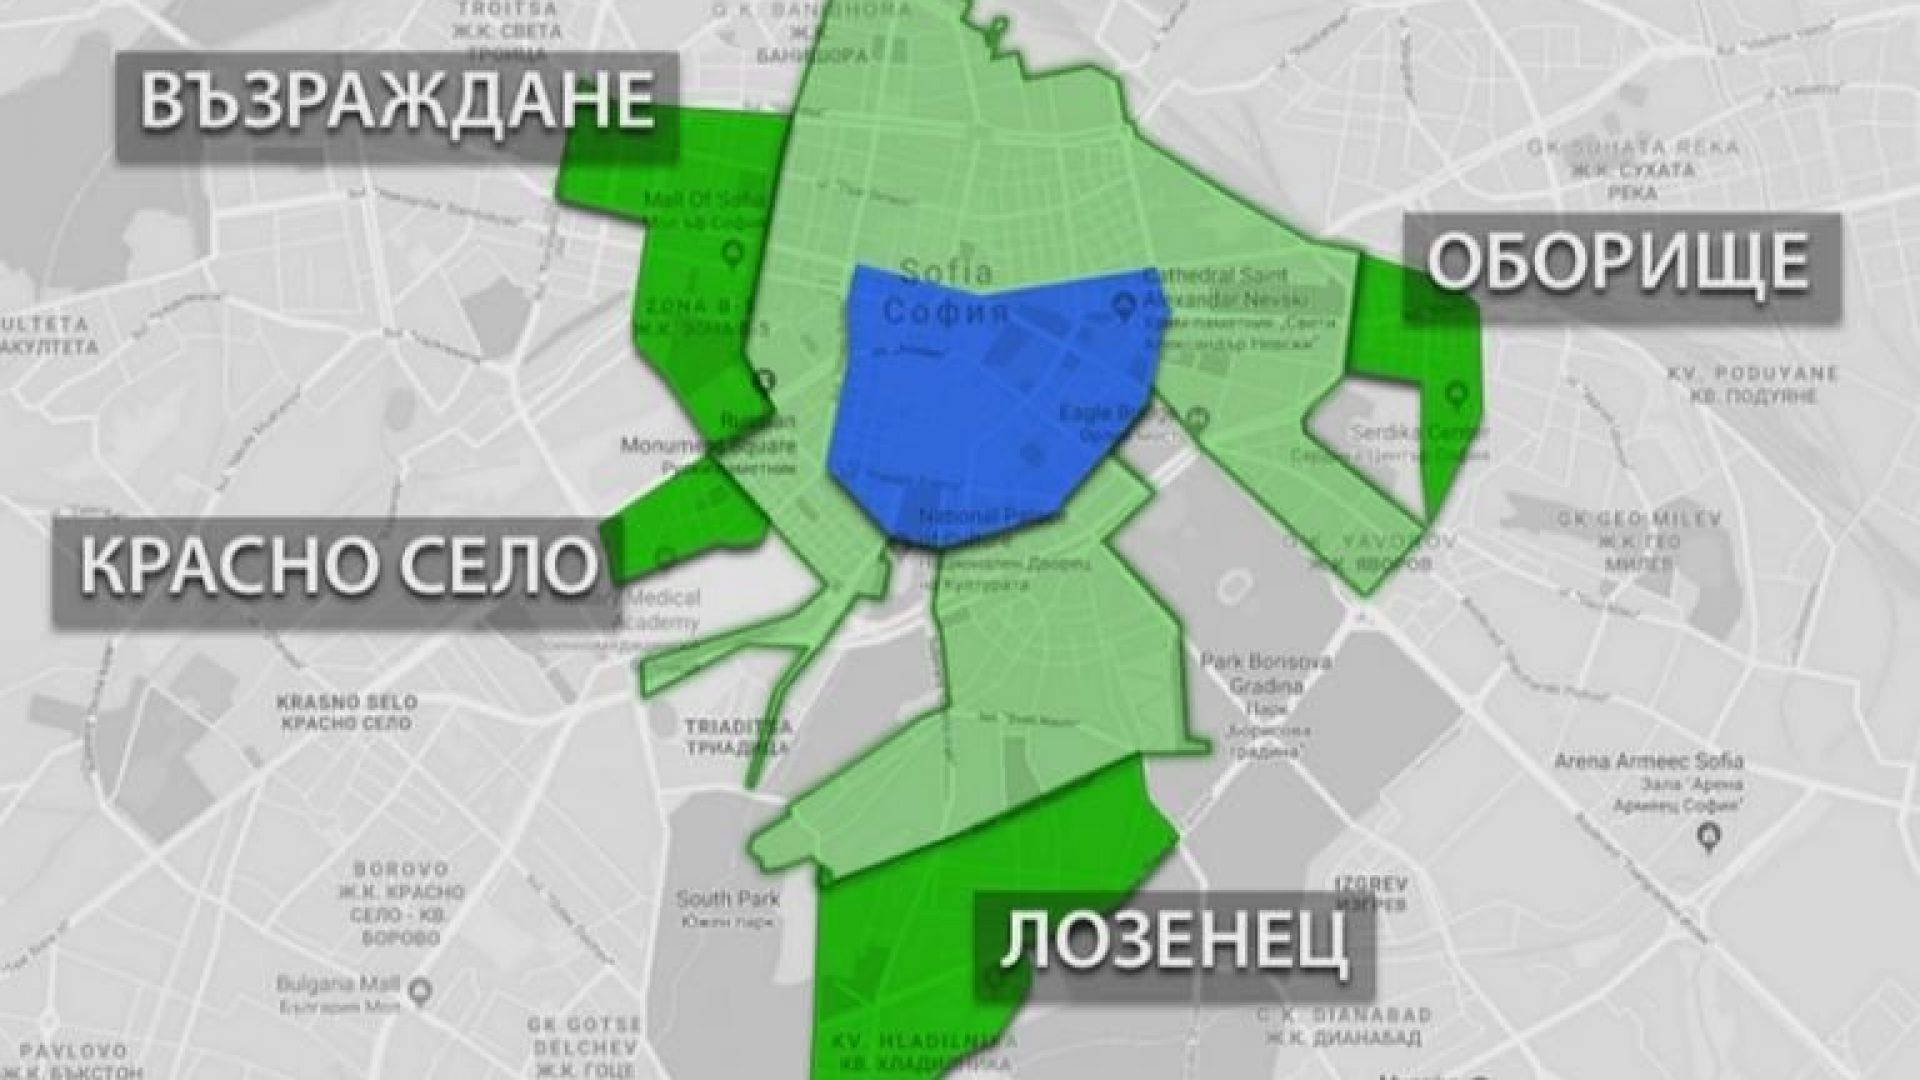 """Предлагат такса """"задръстване"""" като спасение от големия трафик в столицата"""